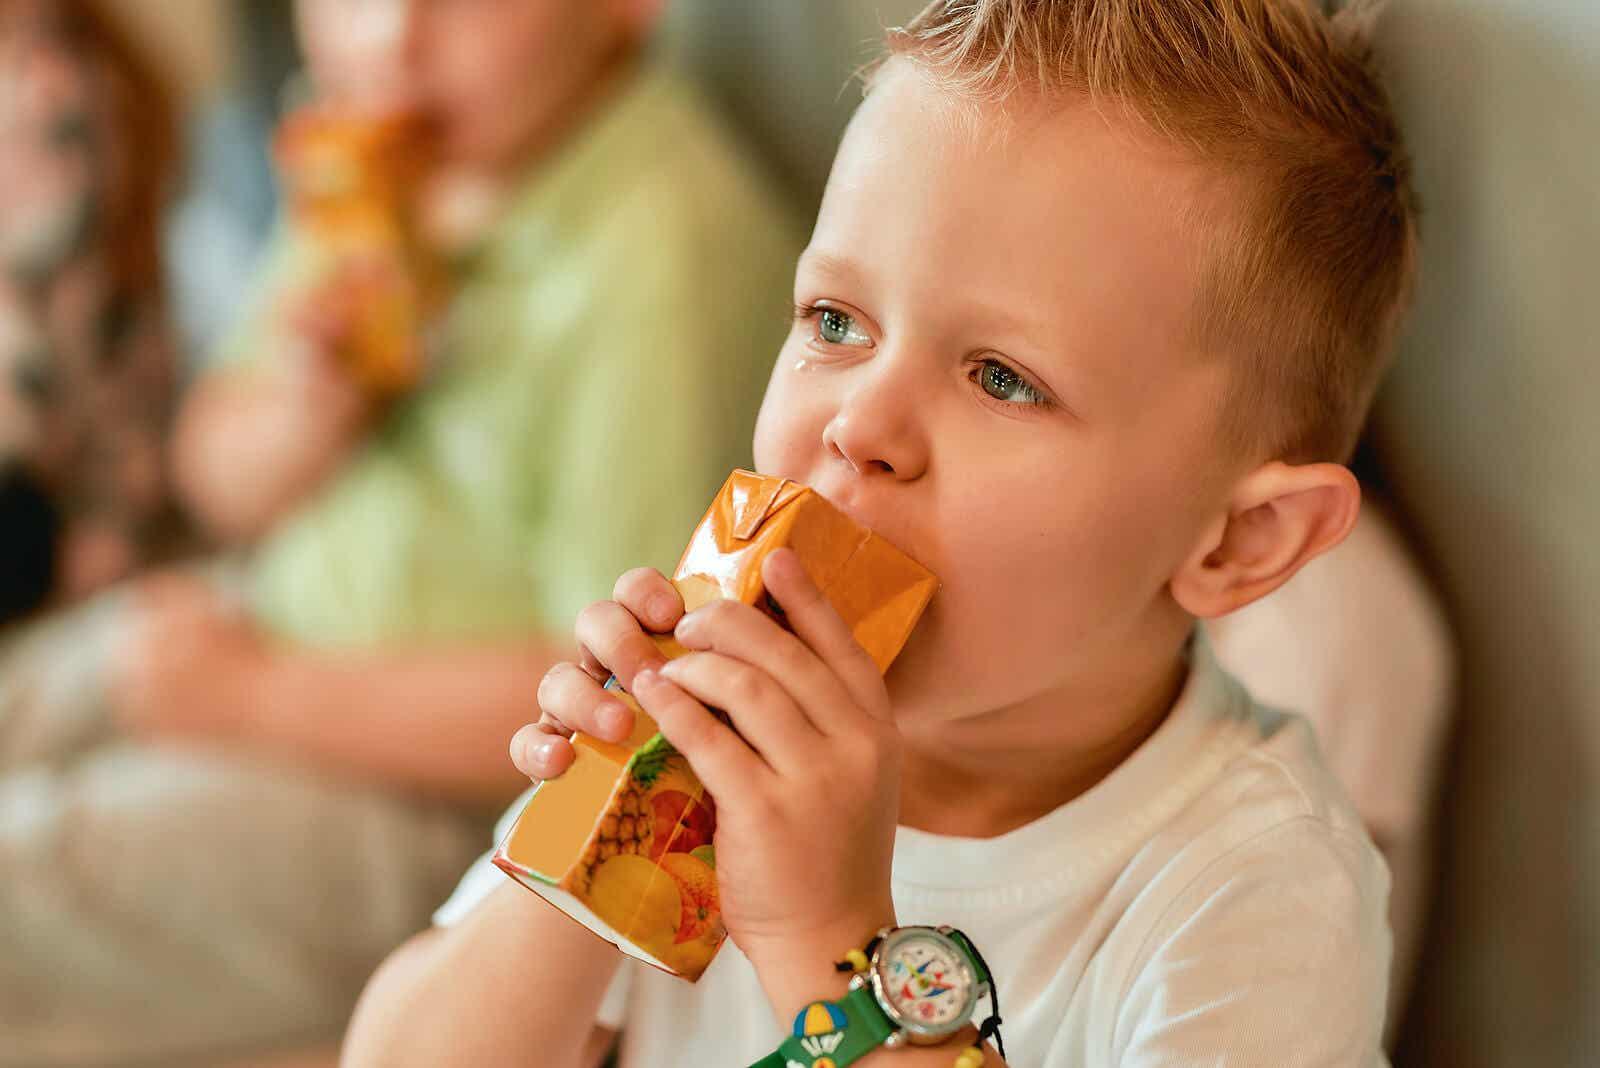 En gråtande pojke tröstar sig med juice.